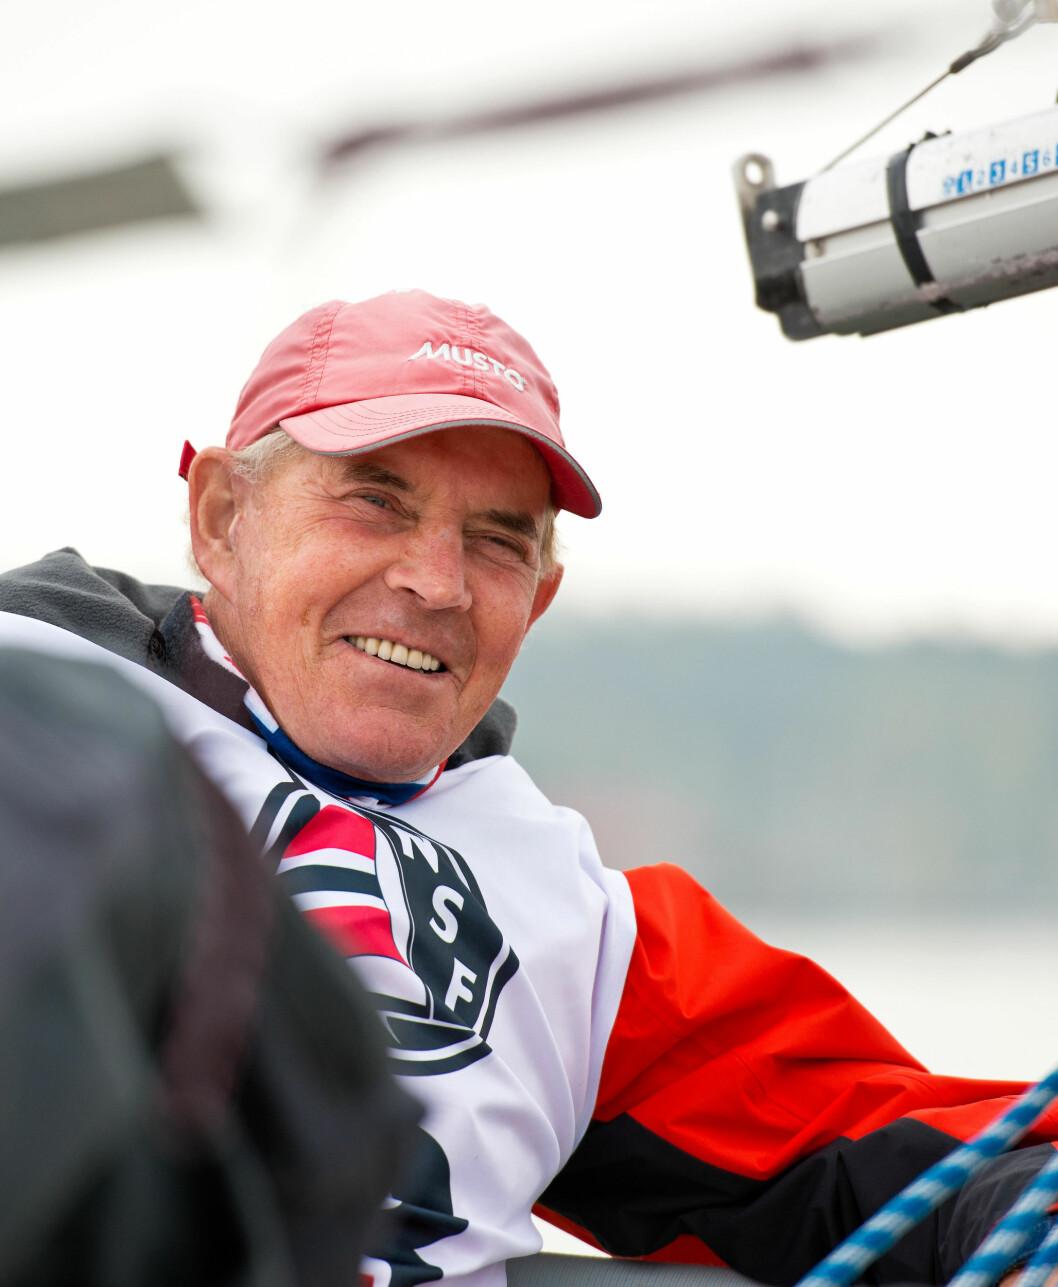 SISTE SEILAS: Birger Jansen måtte i natt gi tapt for kreftsykdommen han har kjempet med i en årrekke.